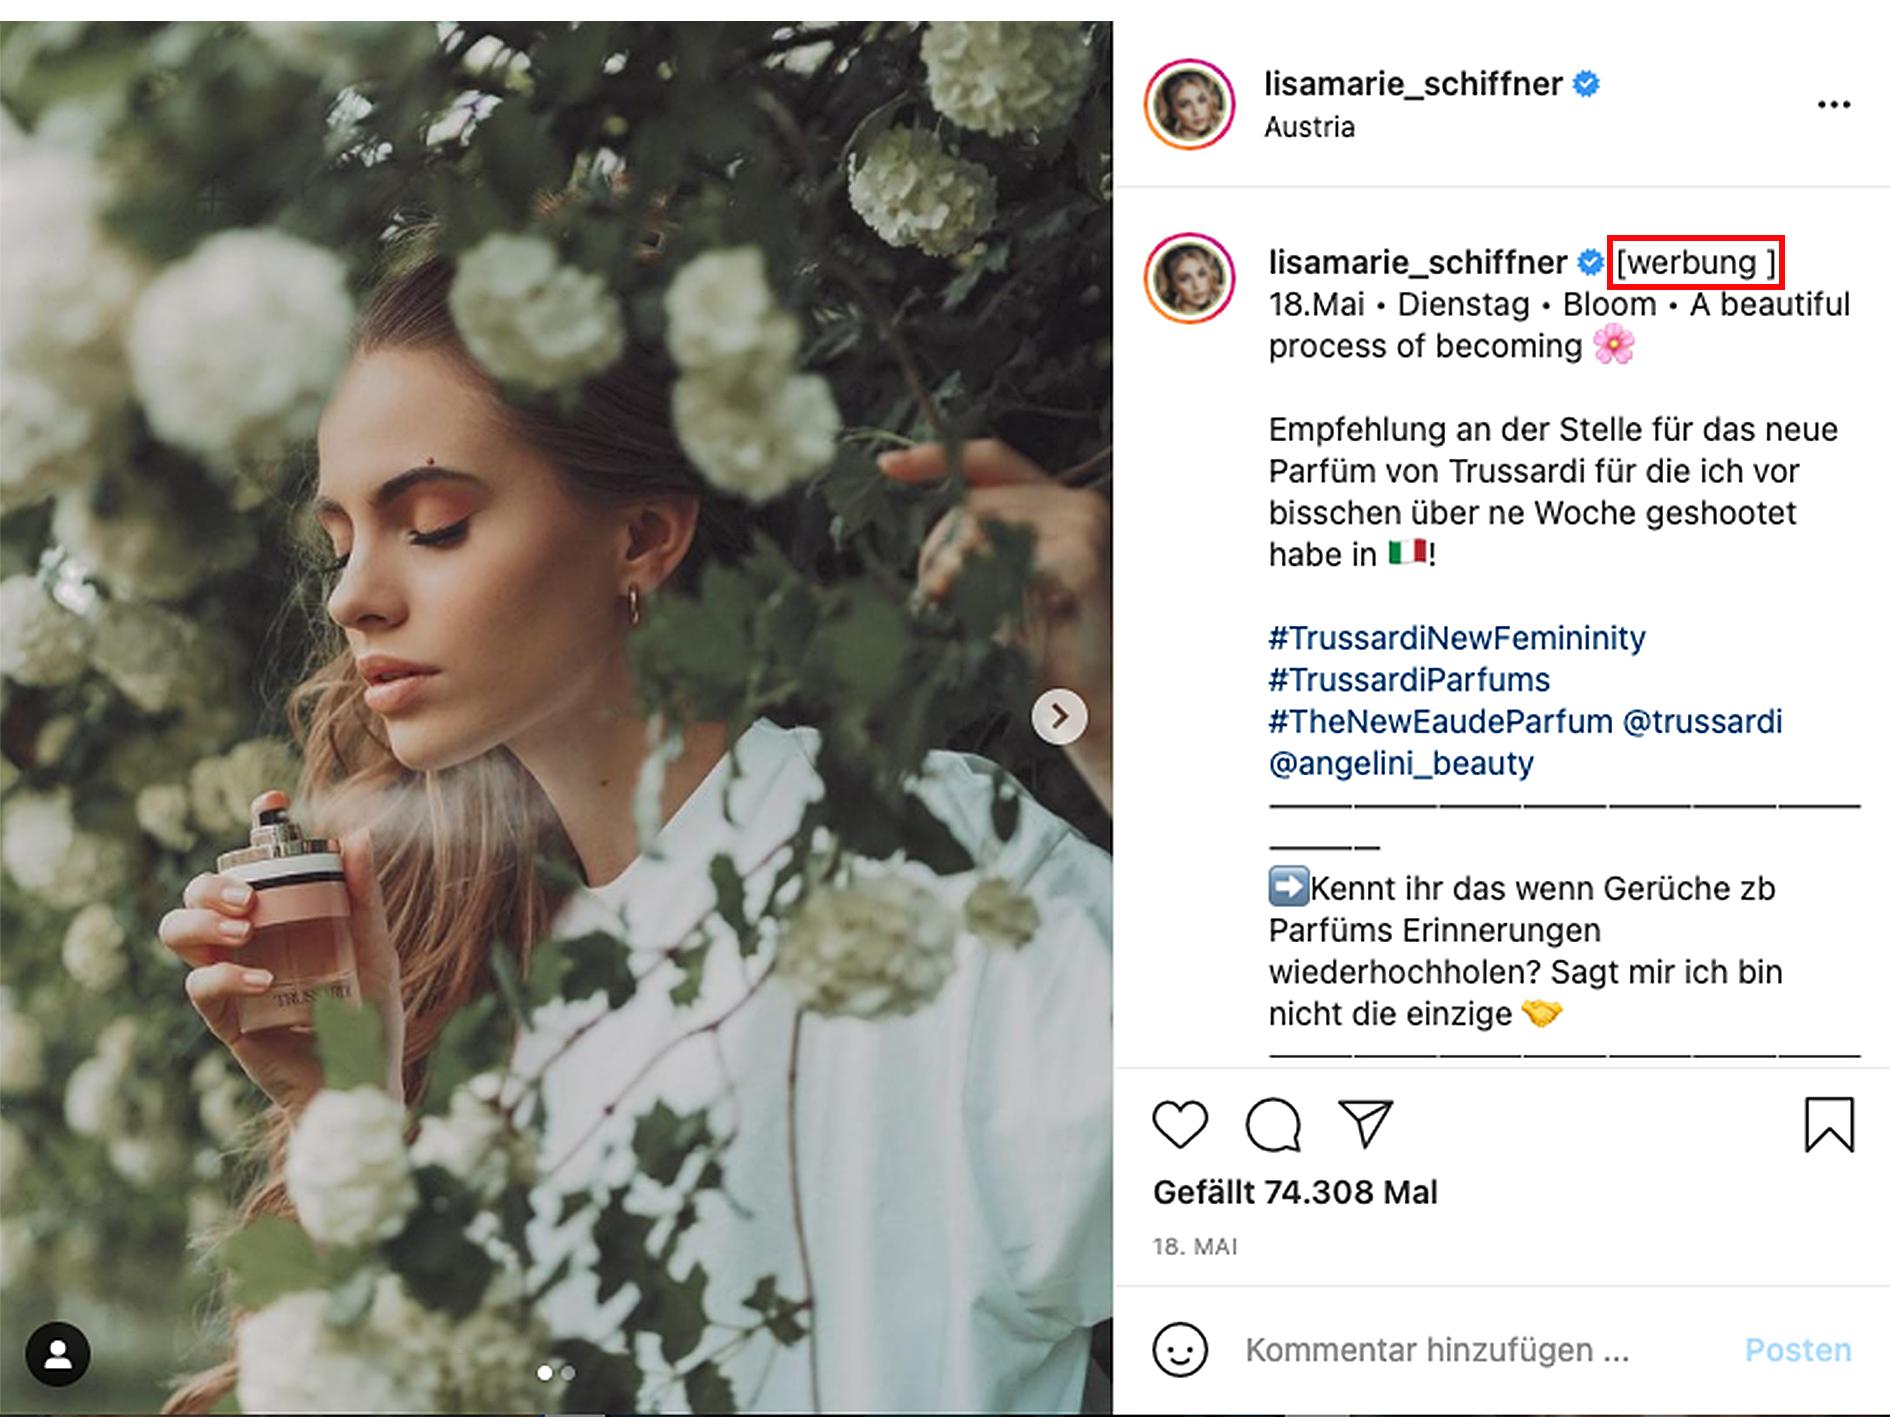 Werbung kennzeichnen Instagram